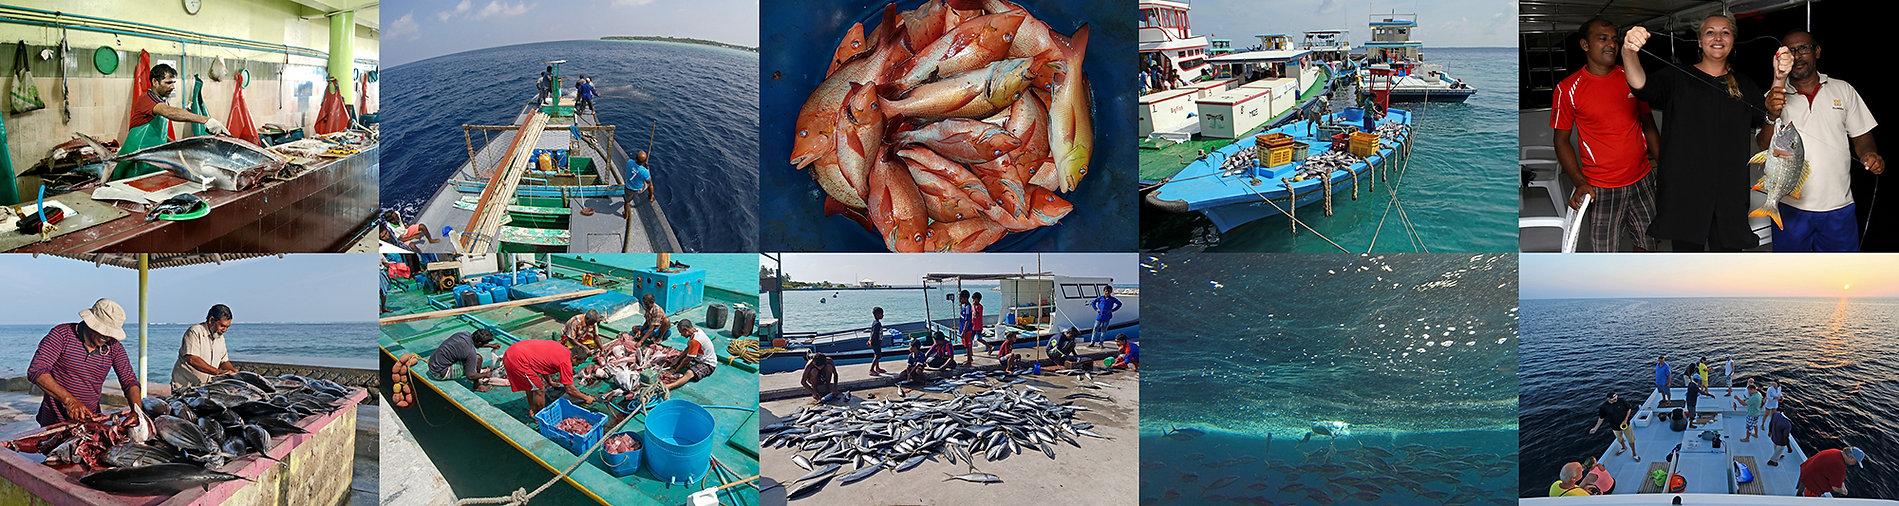 Dovolená na s rybolovem na Maledivách